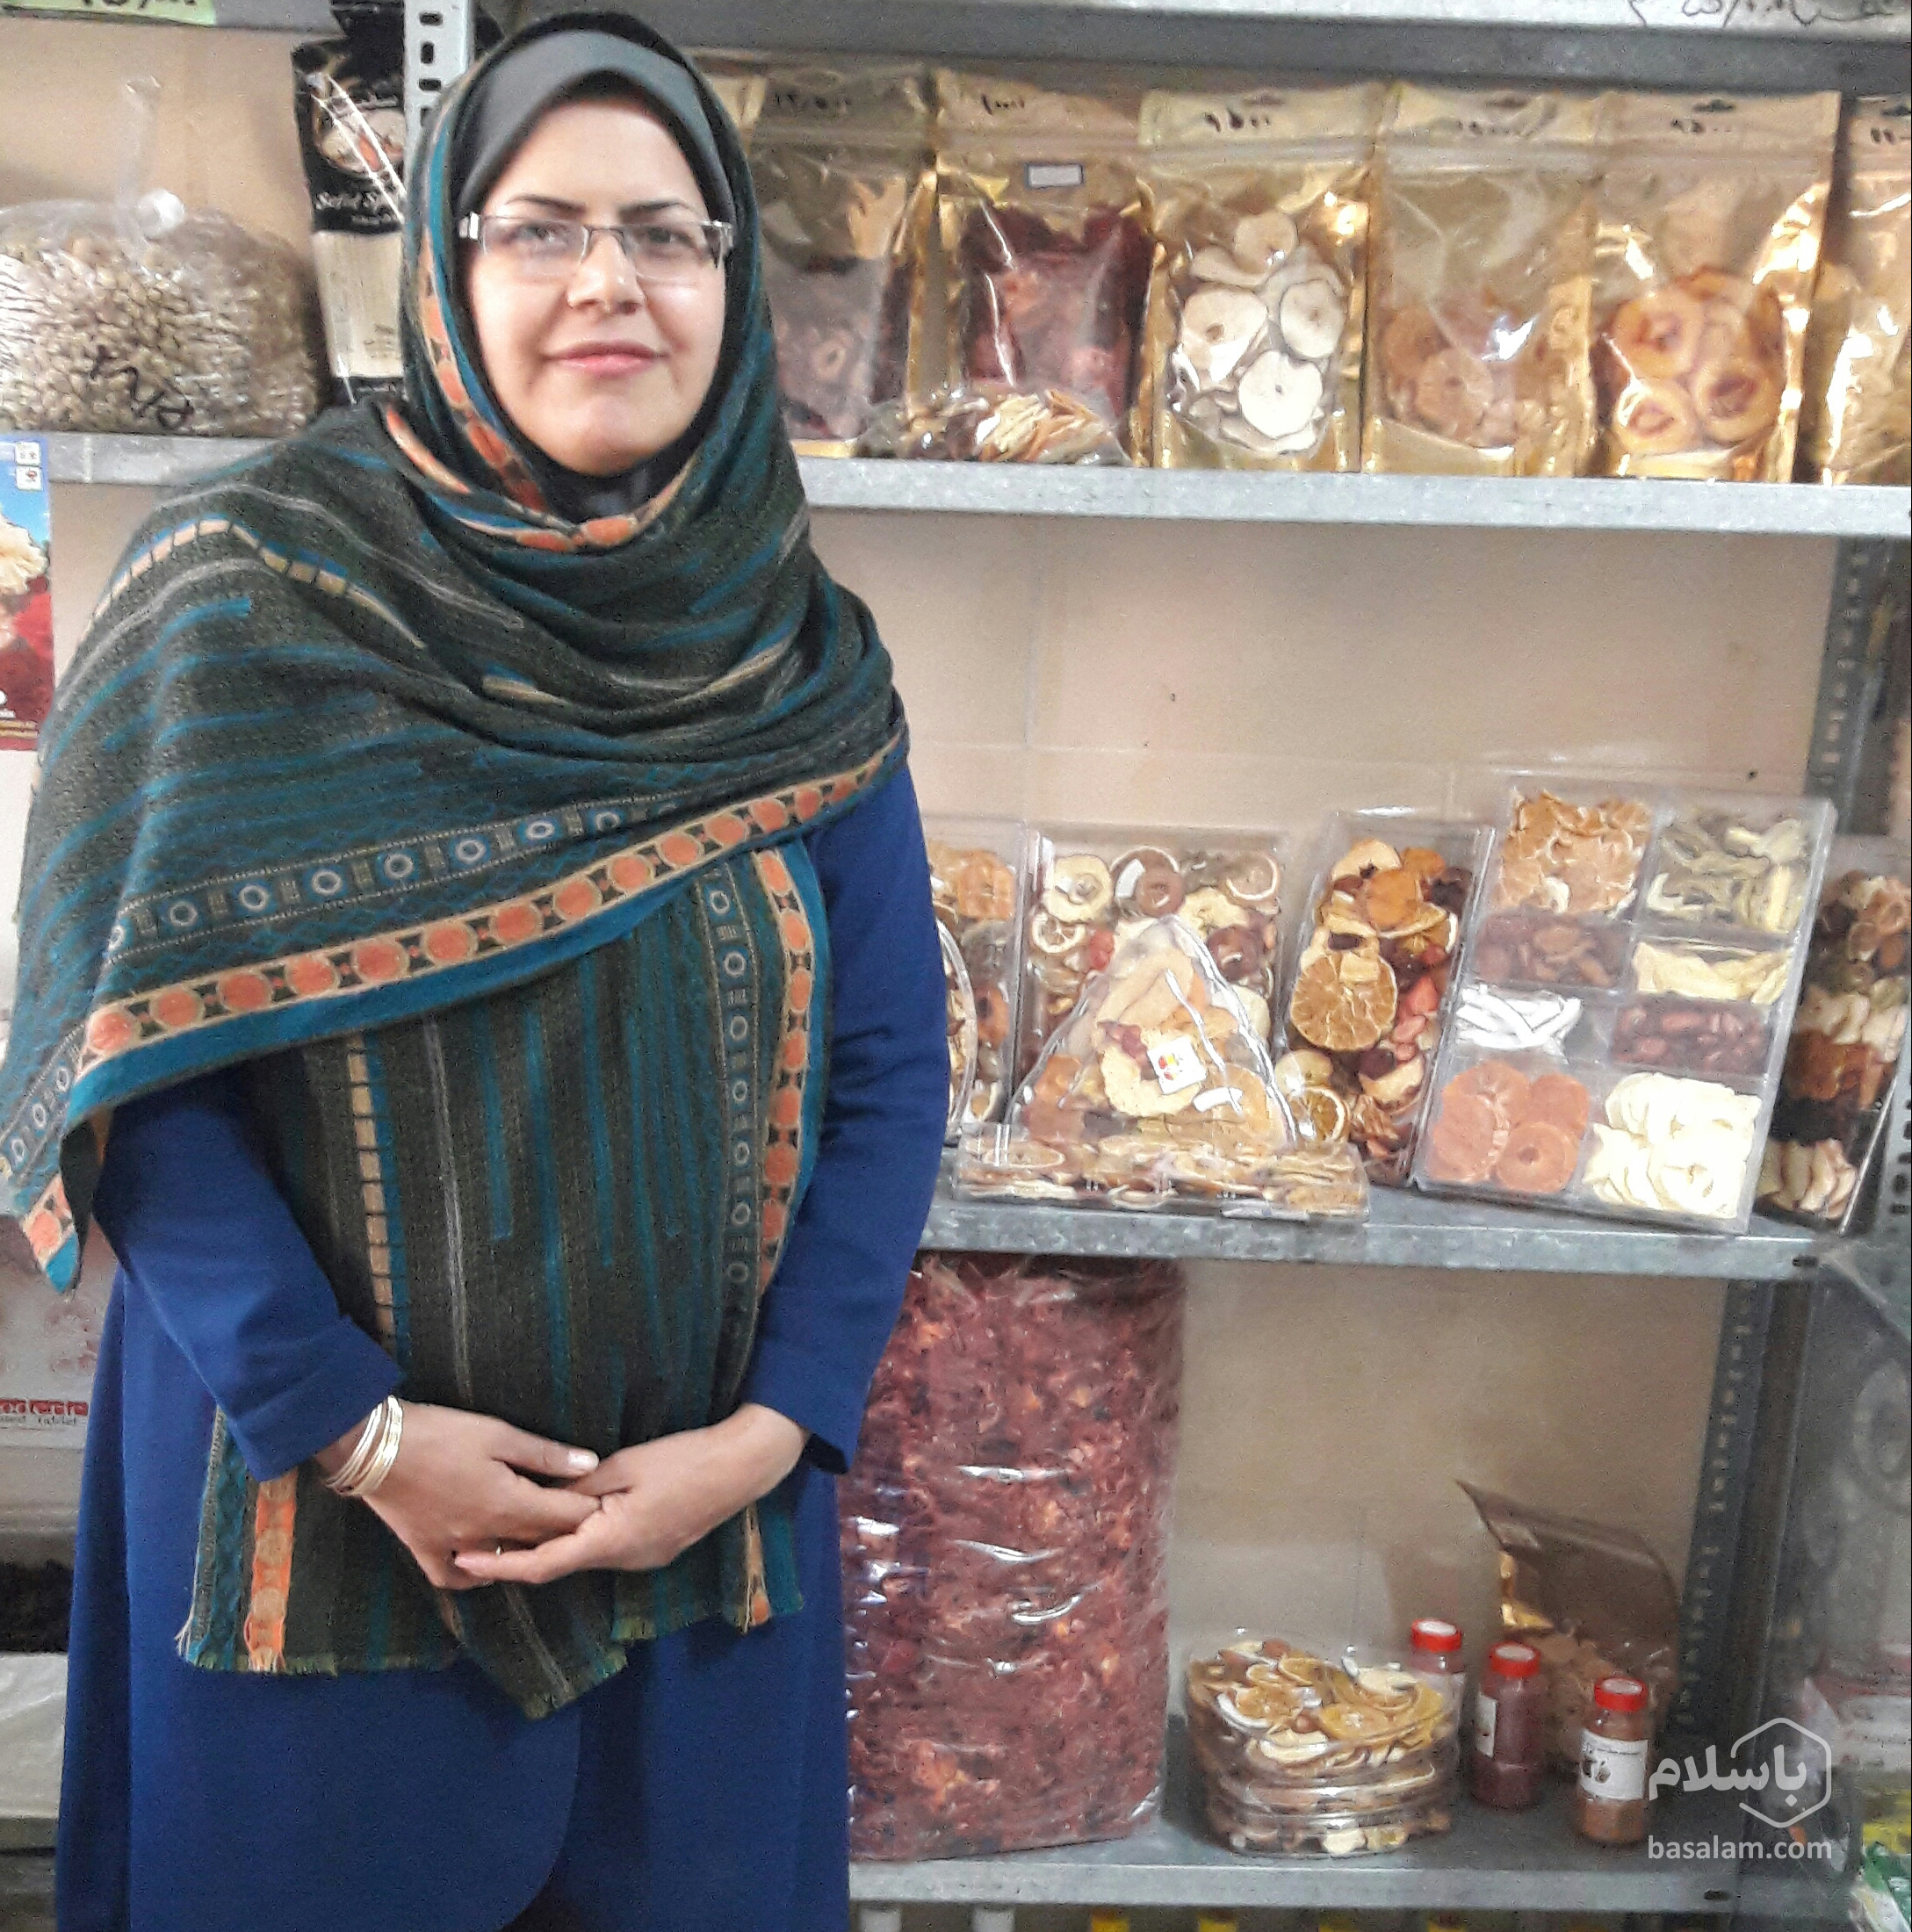 بانوی کارآفرین-خانمی که با محصول خشک پولدار شد-مجله باسلام